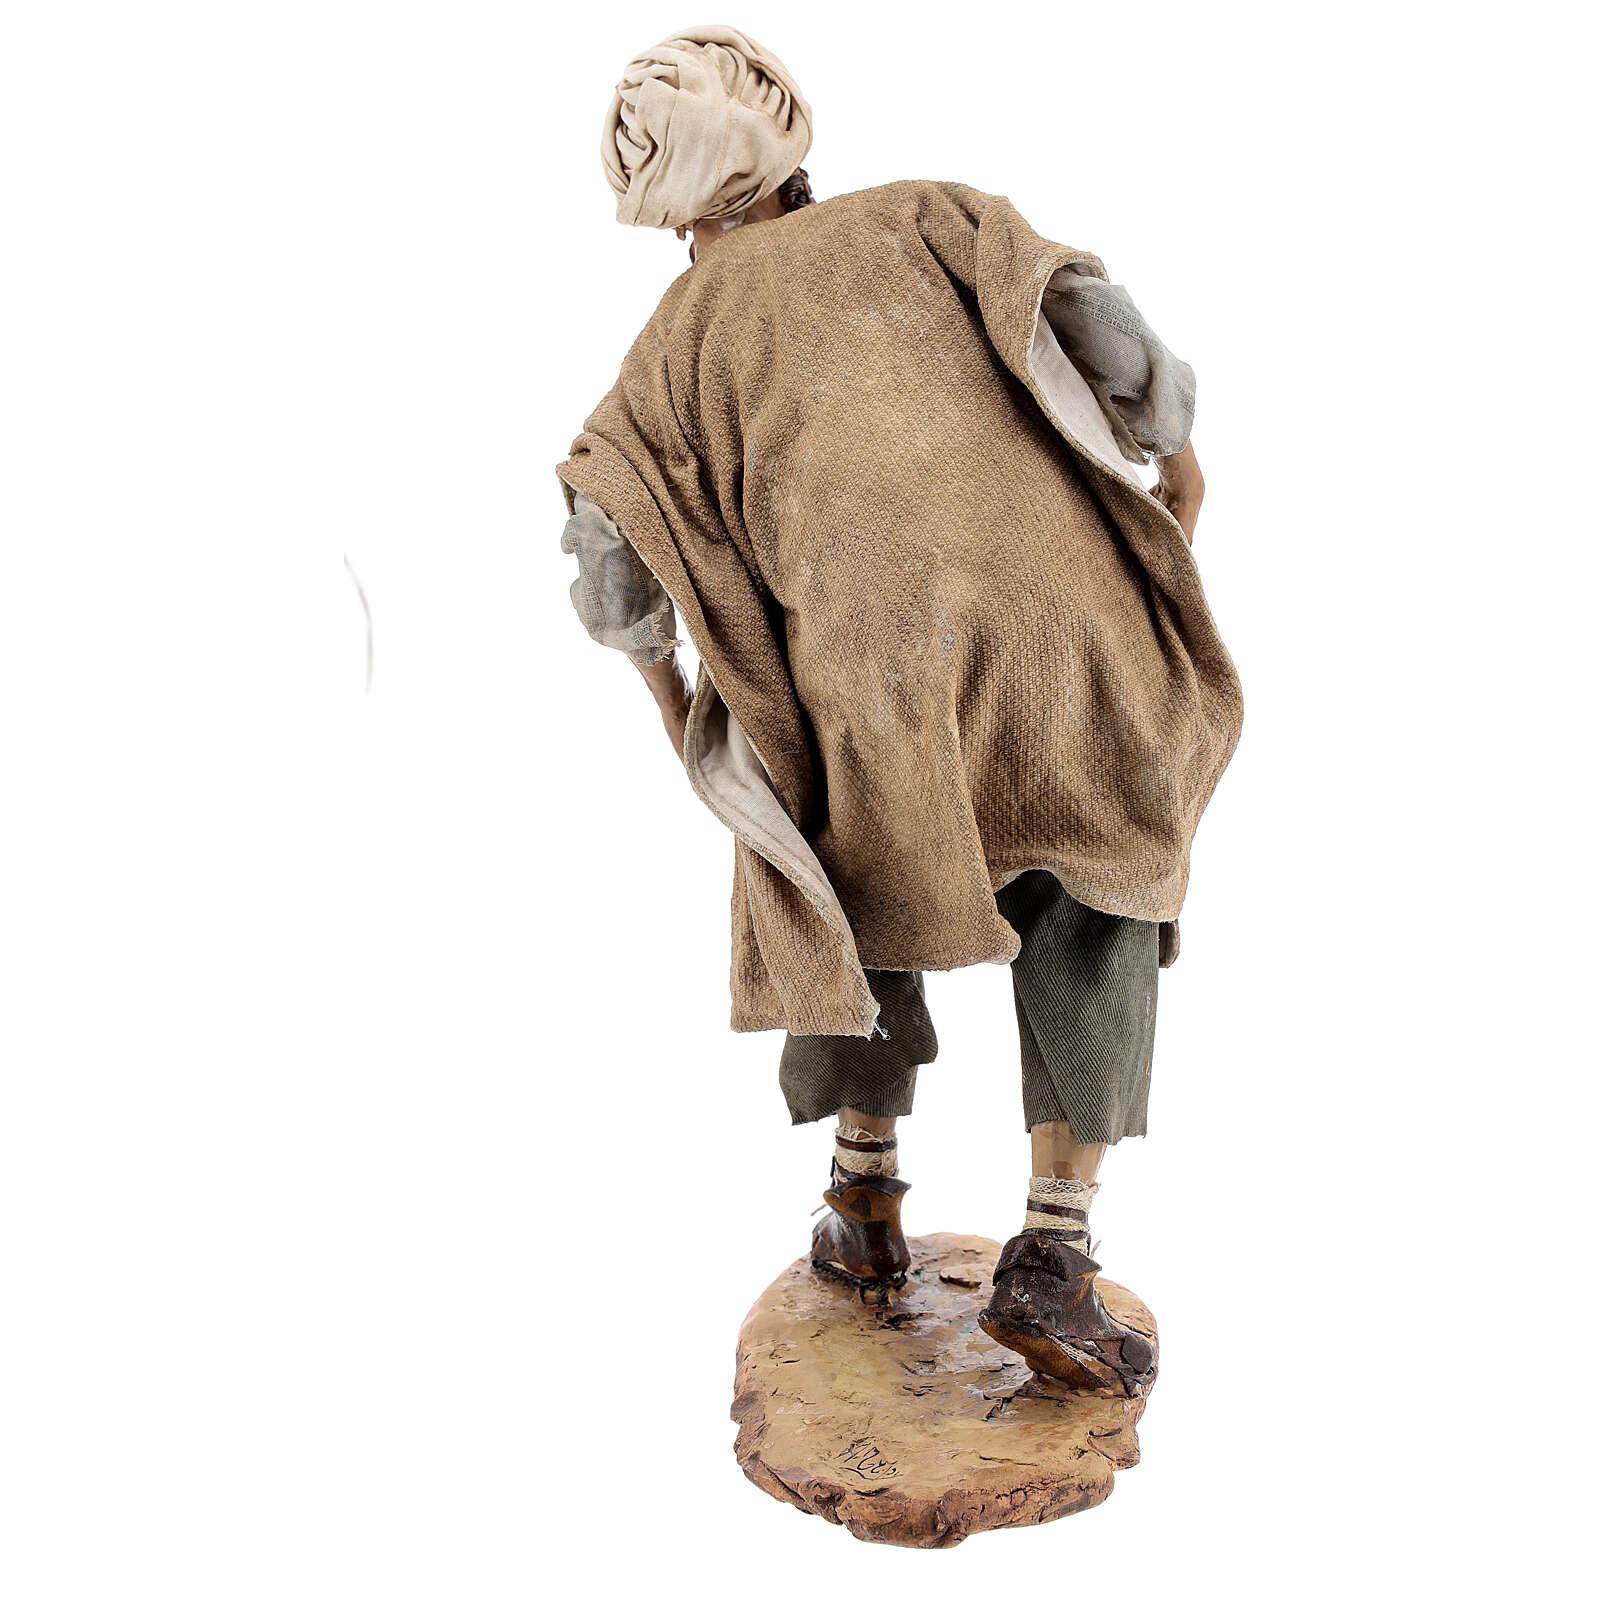 Nativity scene figurine, Man with plow and ox by Angela Tripi 30 cm 4